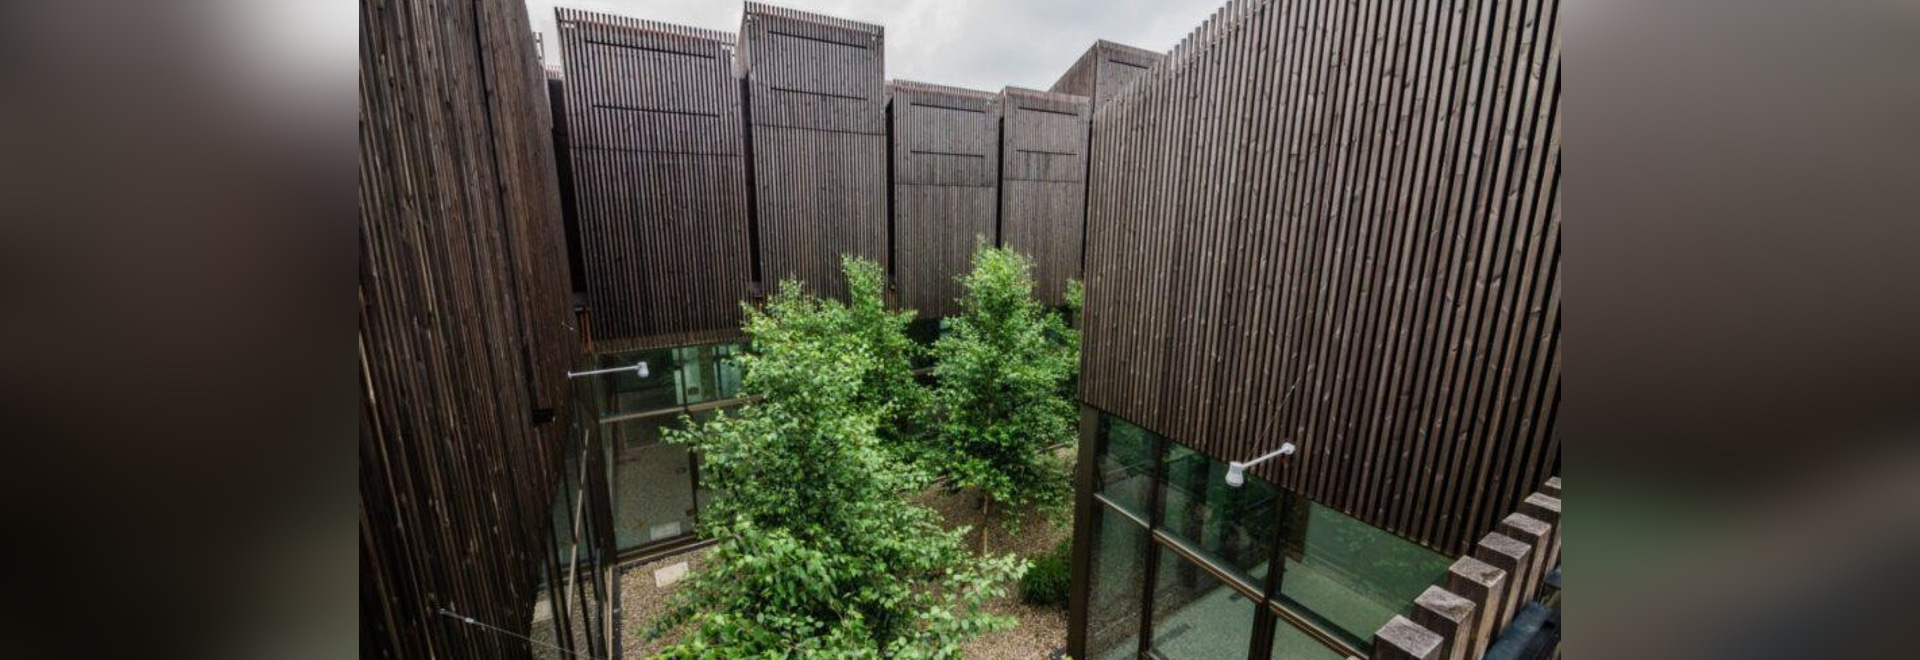 """Bürogebäude nutzt 112 """"intelligente"""" Schornsteine zur Regulierung von Licht, Luft und Energie"""